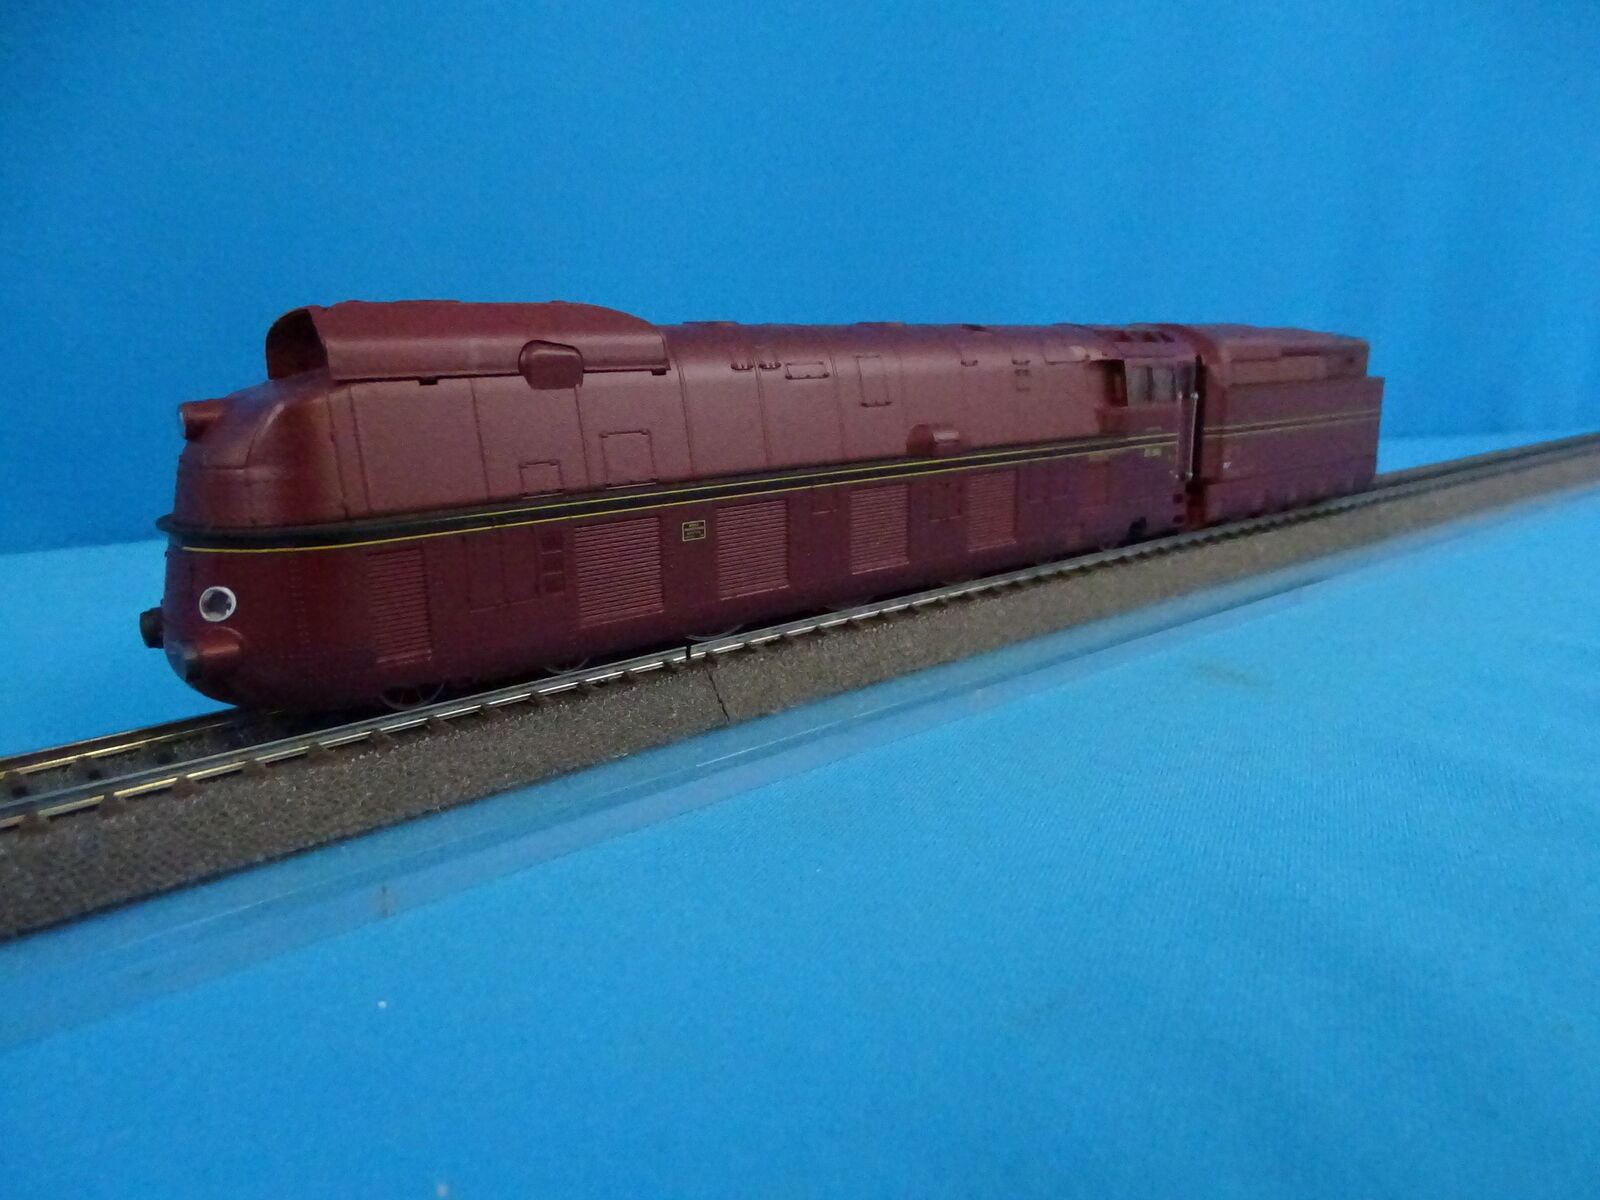 Marklin 37052 DRG Locomotive with Tender Br 05 rosso MFX DIGITAL Bellingrodt